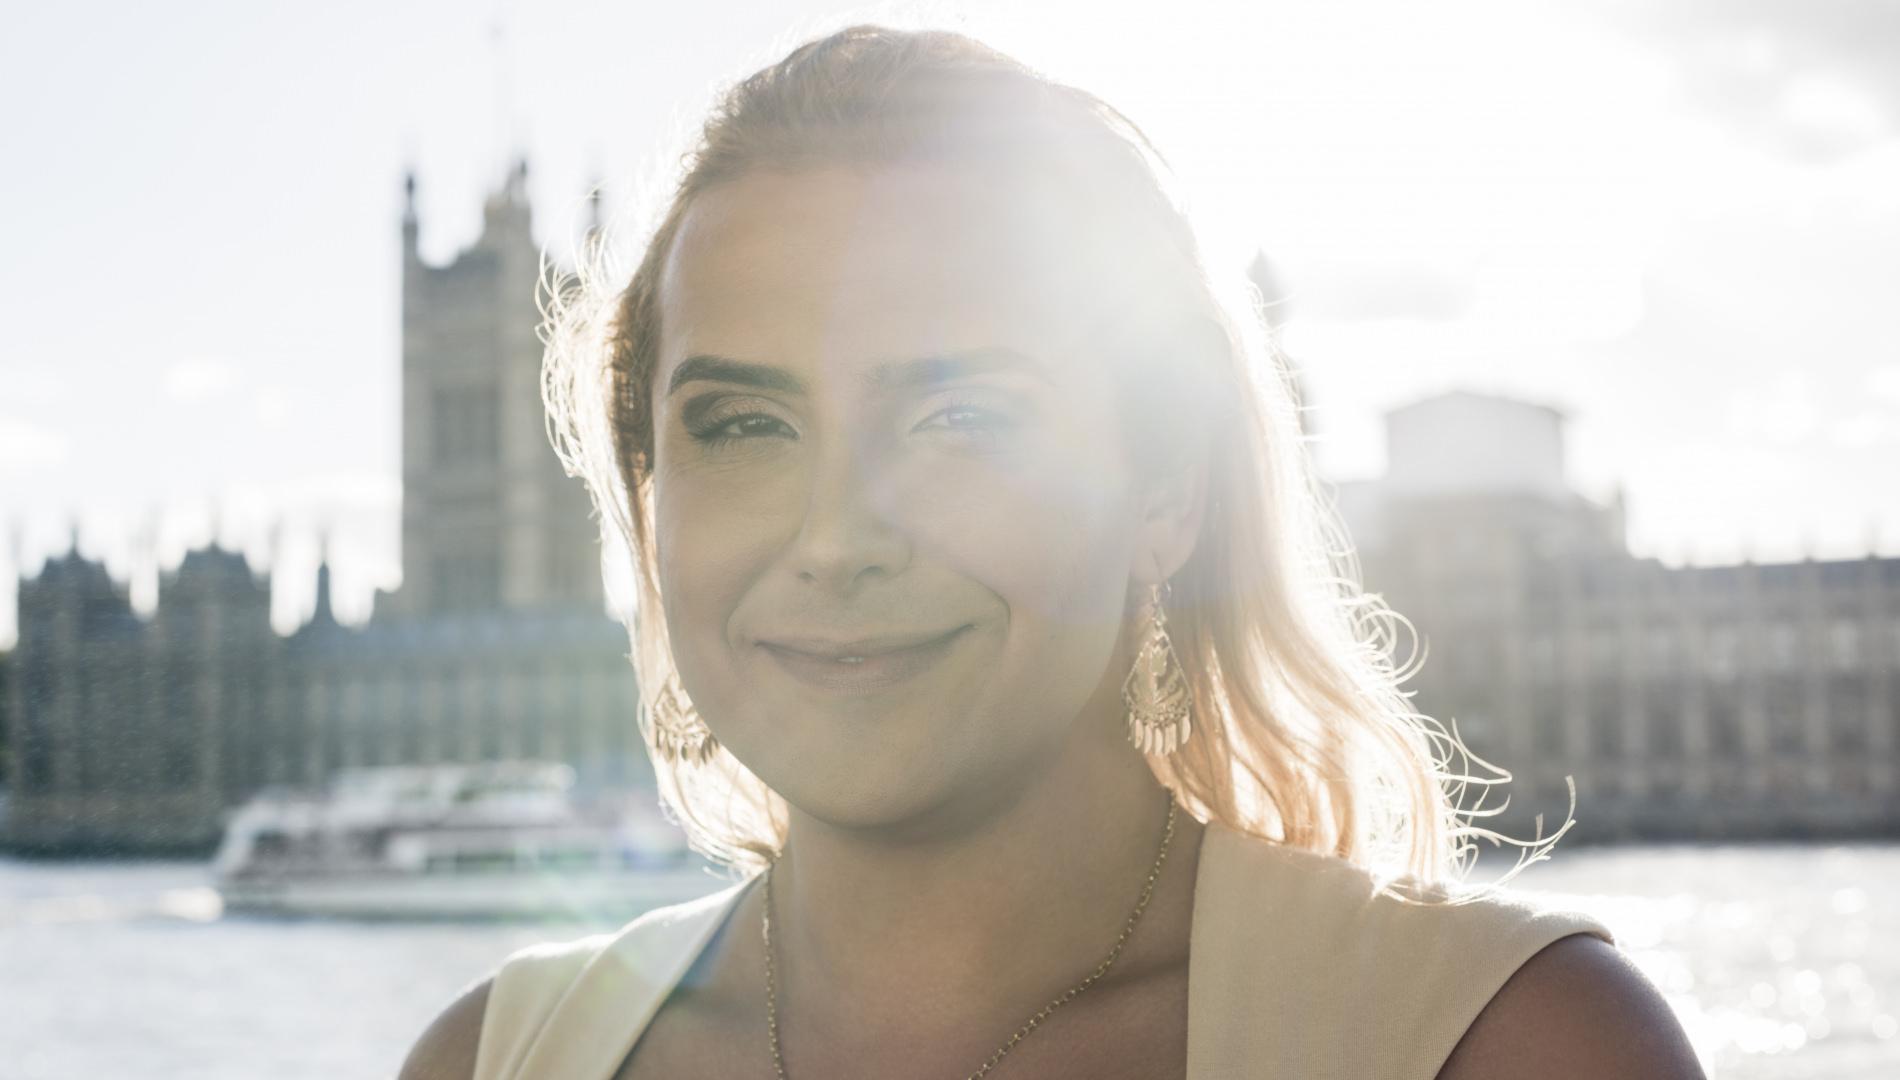 Stimmtherapie für Transgender, Transsexuell, Transident